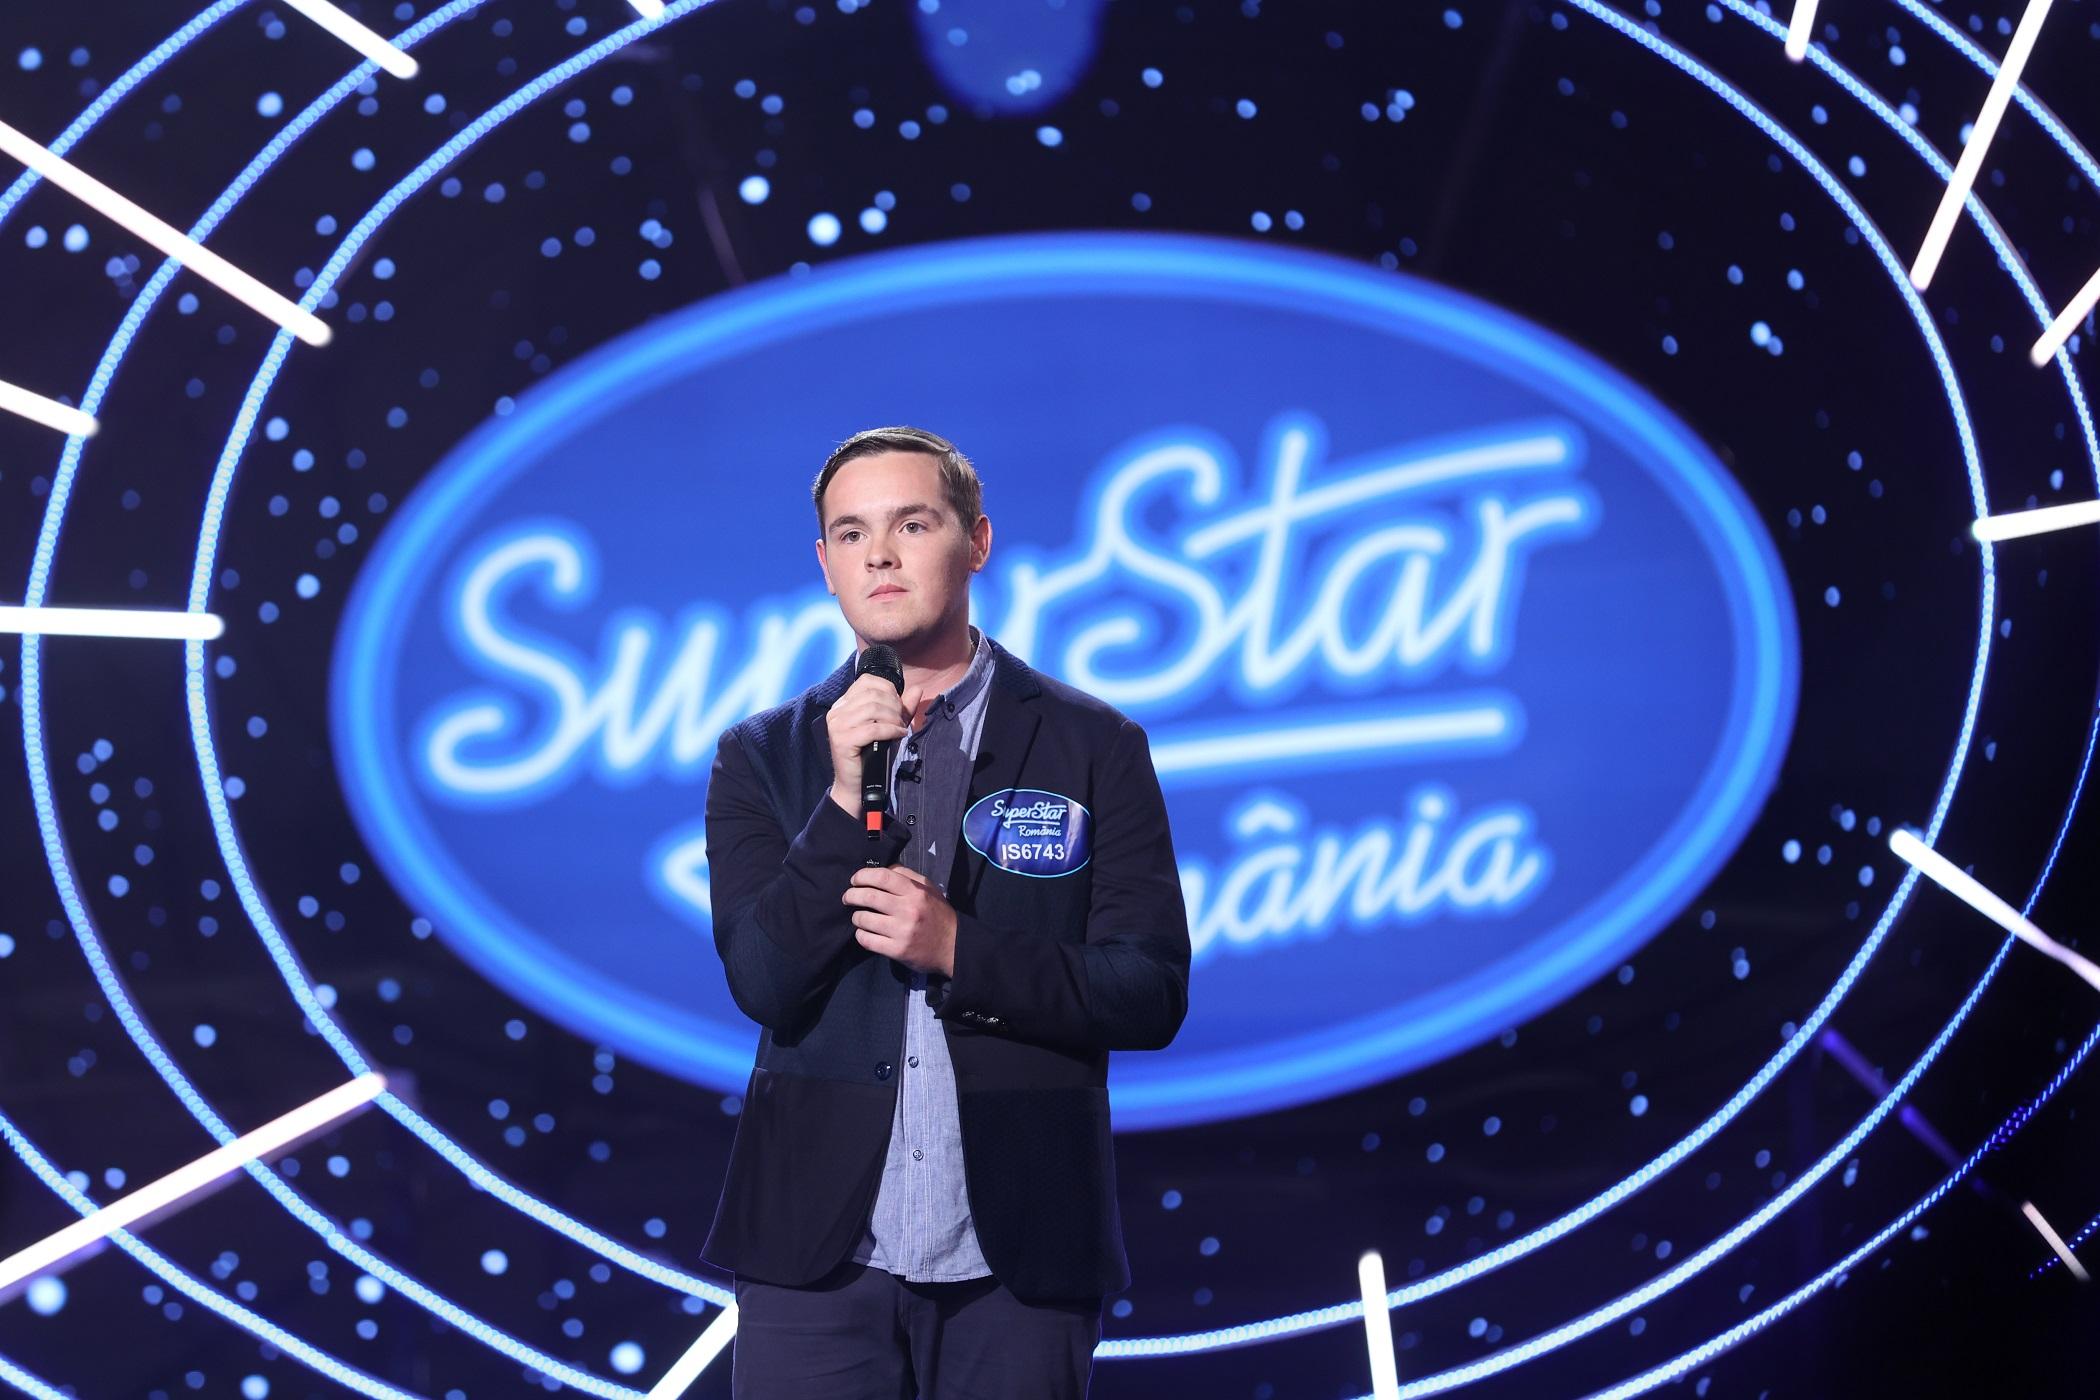 Prima ediție SuperStar România a fost lider absolut de audiență! Surprizele de care au avut parte jurații